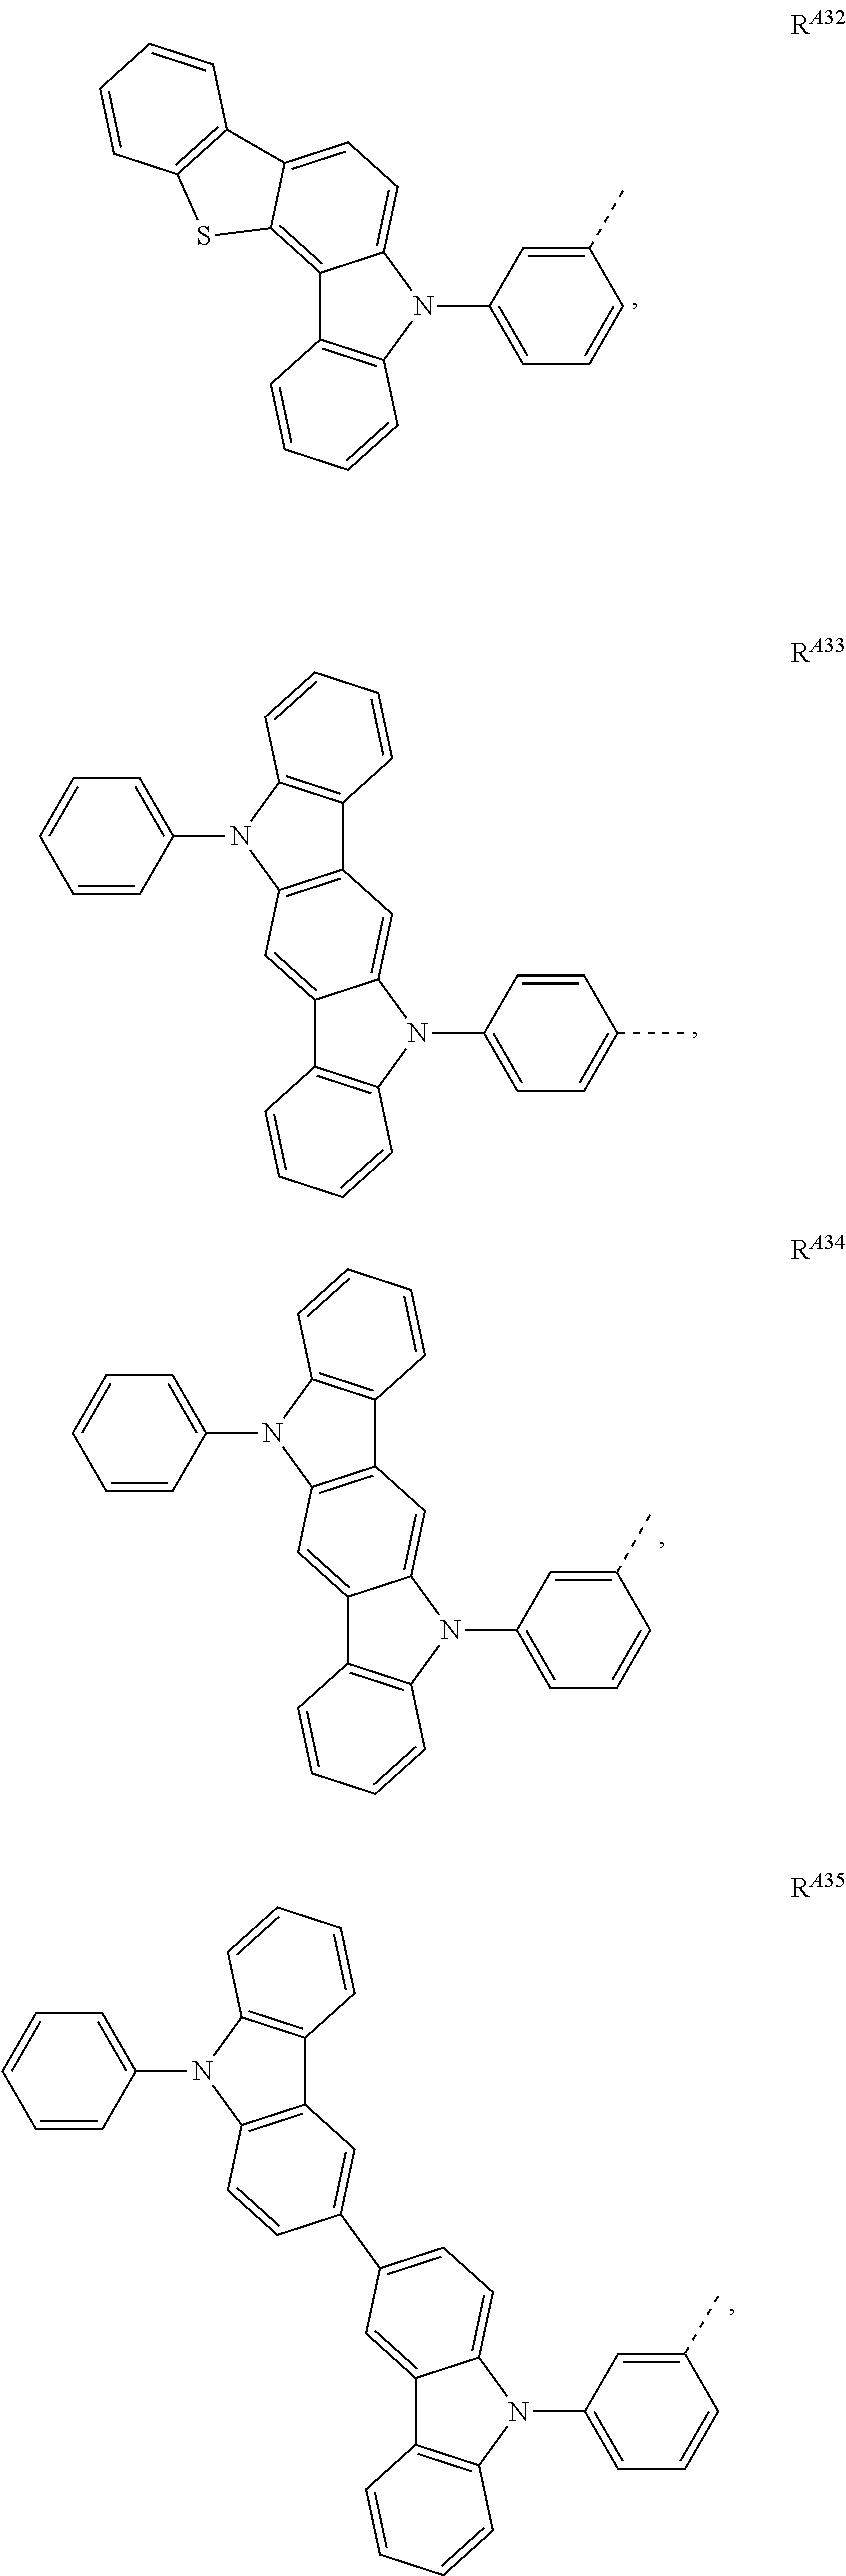 Figure US09761814-20170912-C00011